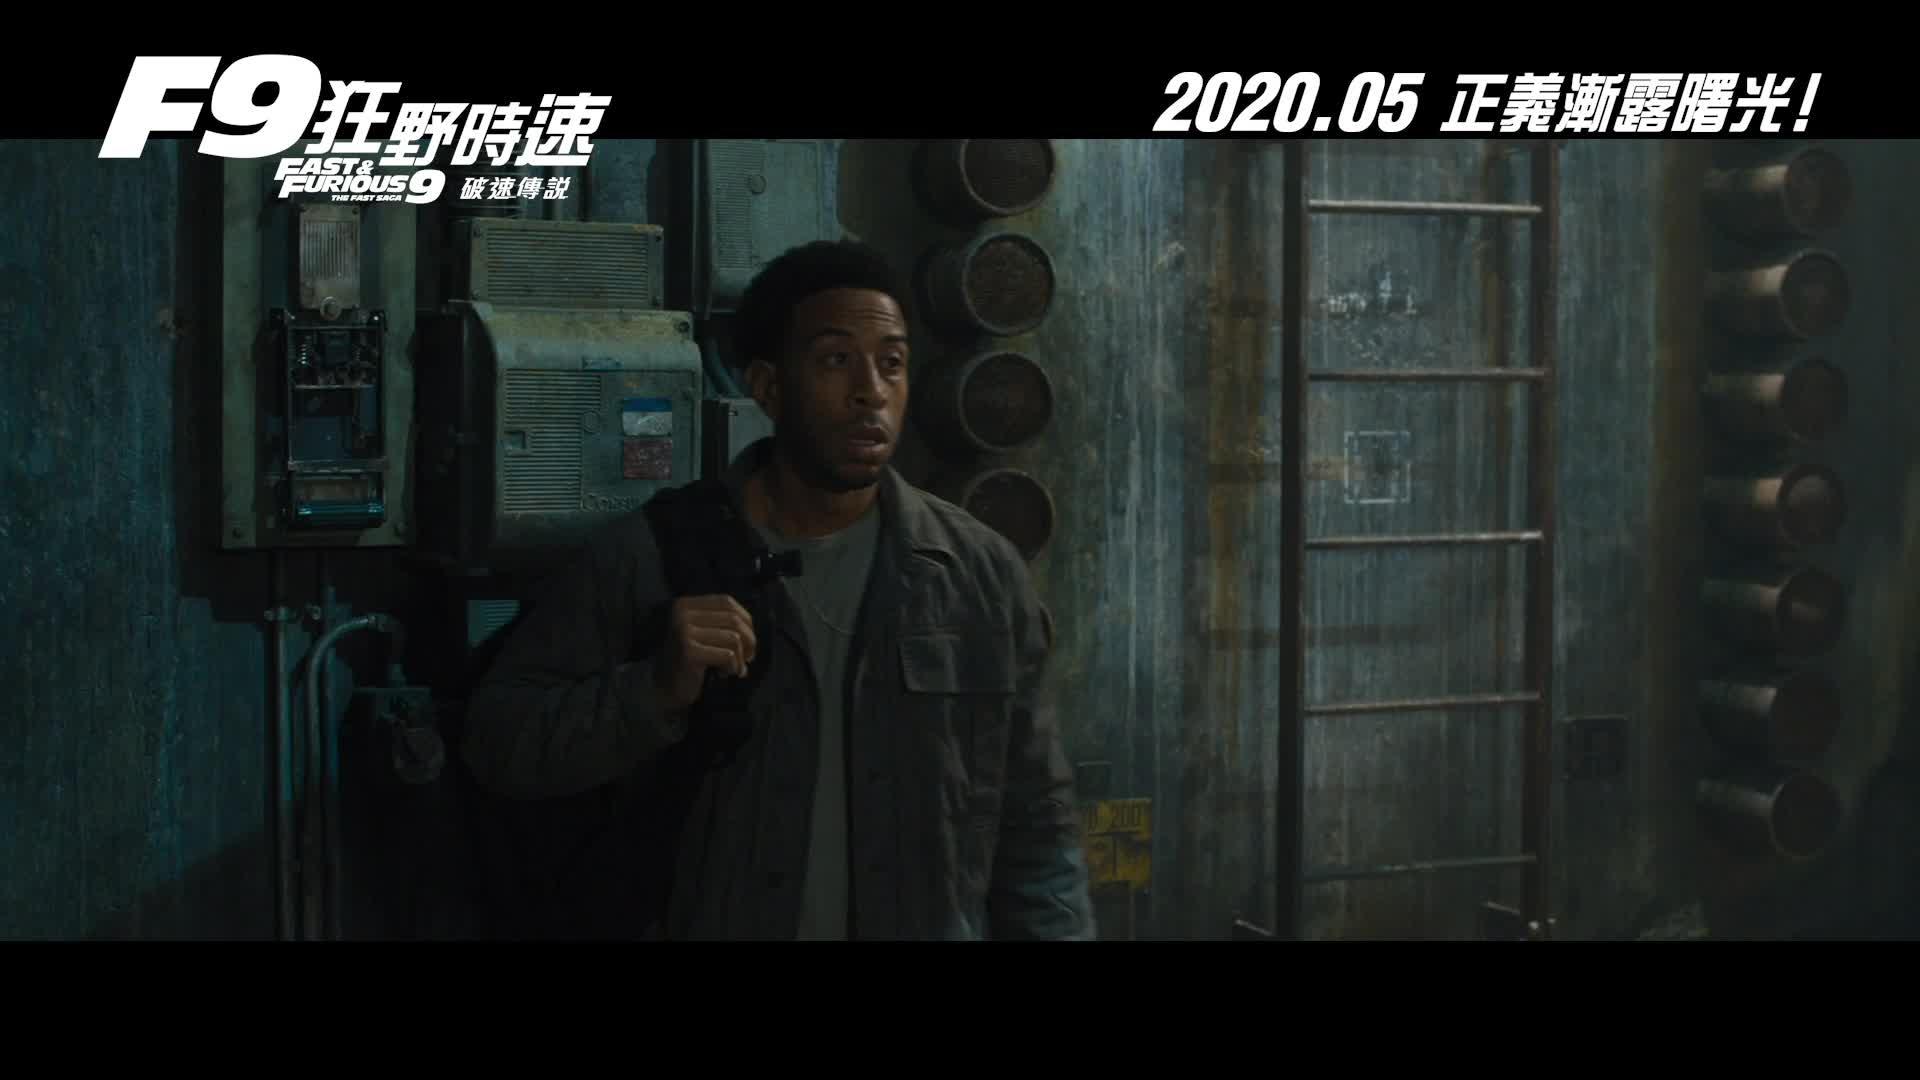 《F9狂野時速》電影預告